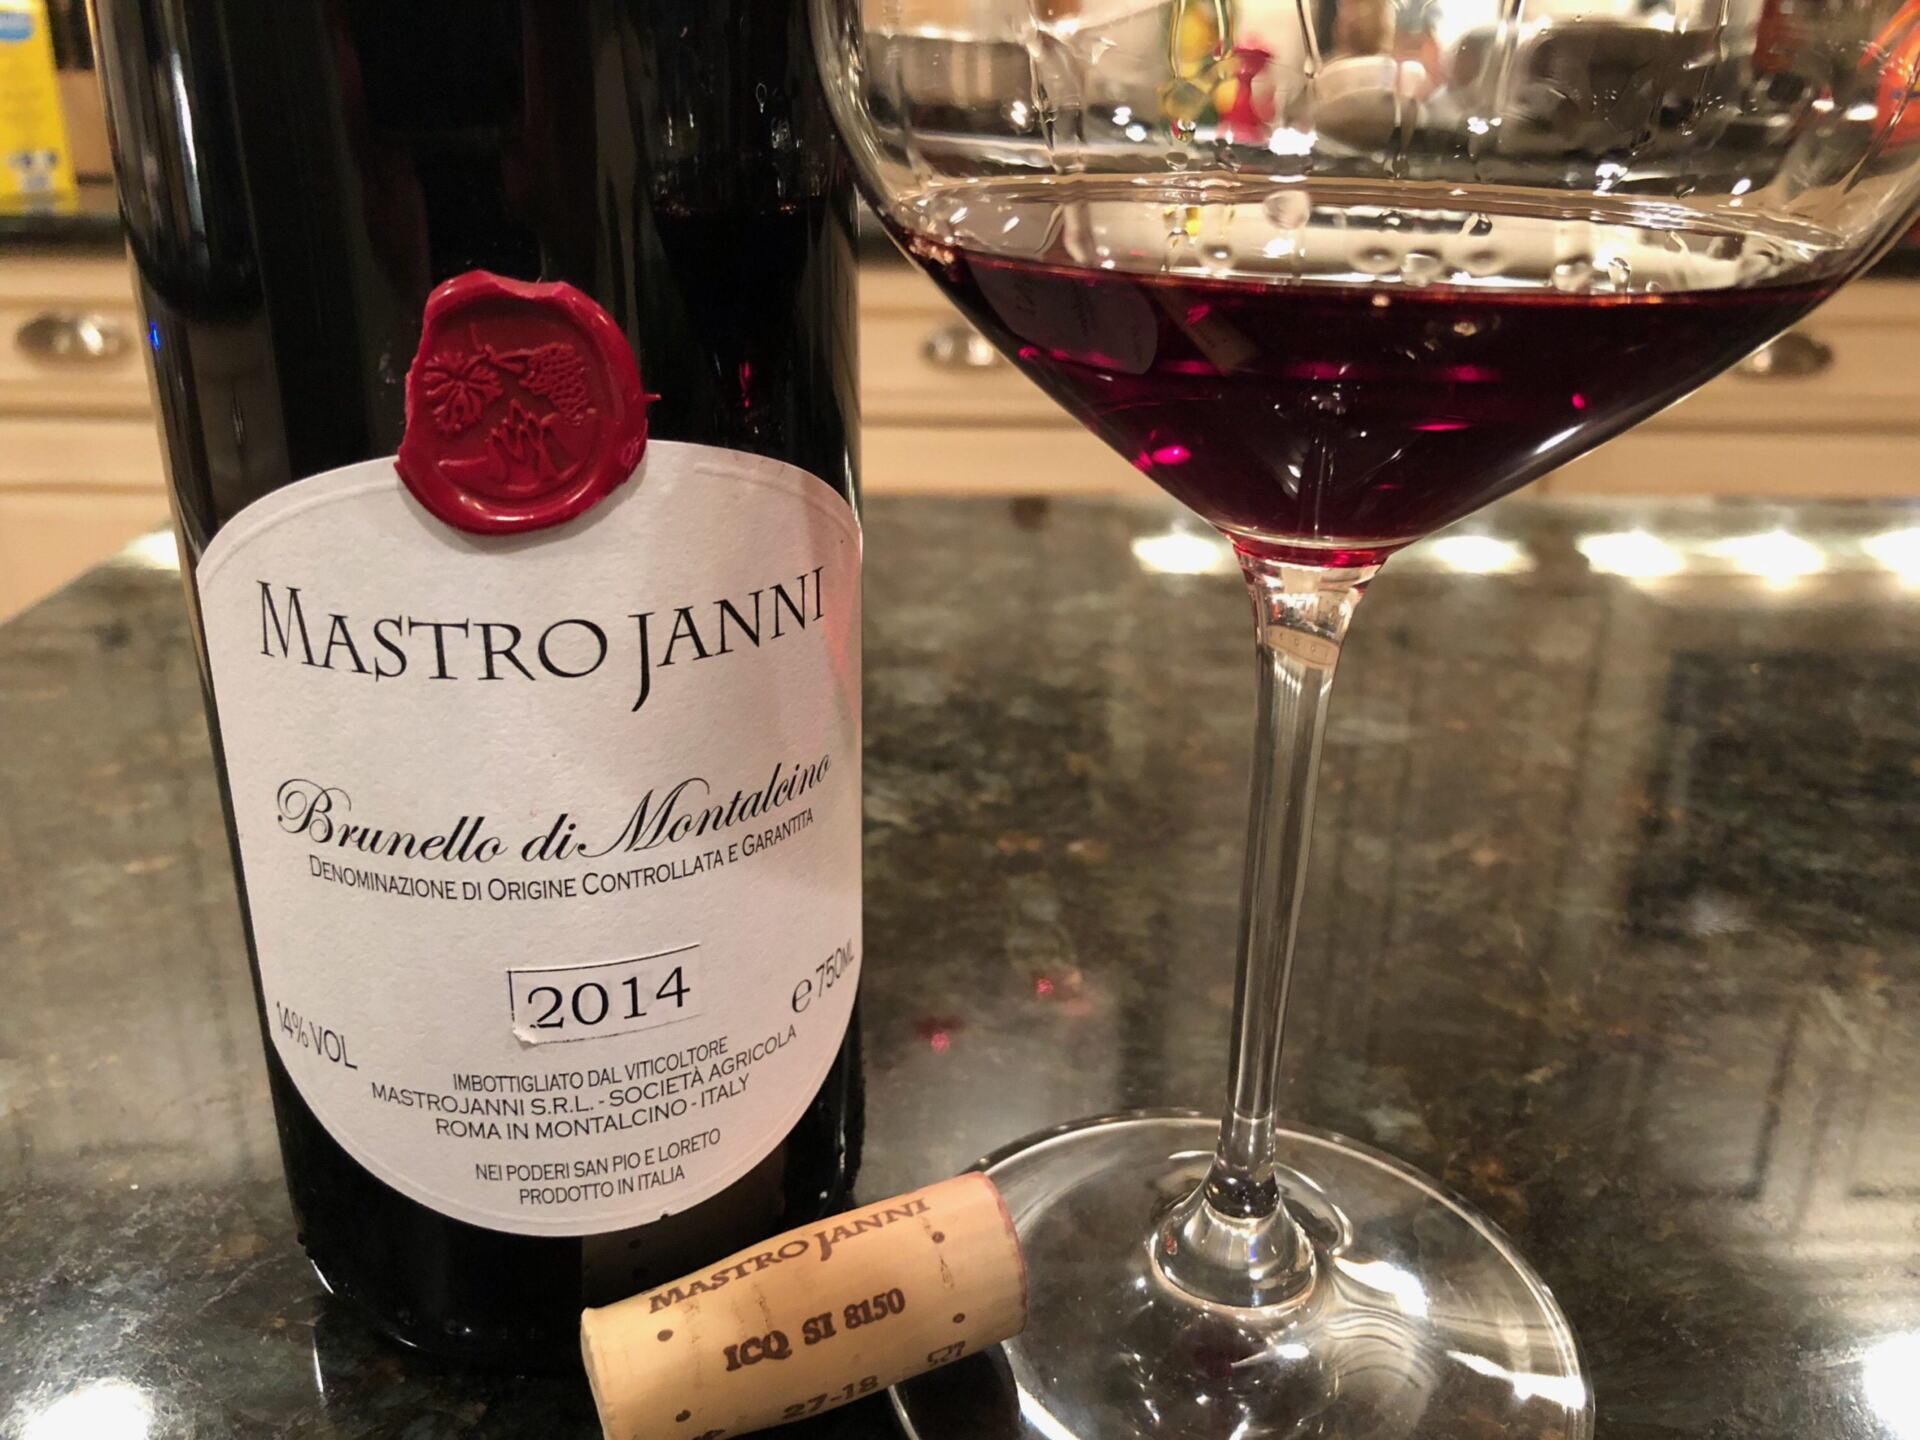 Brunello wine in a glass